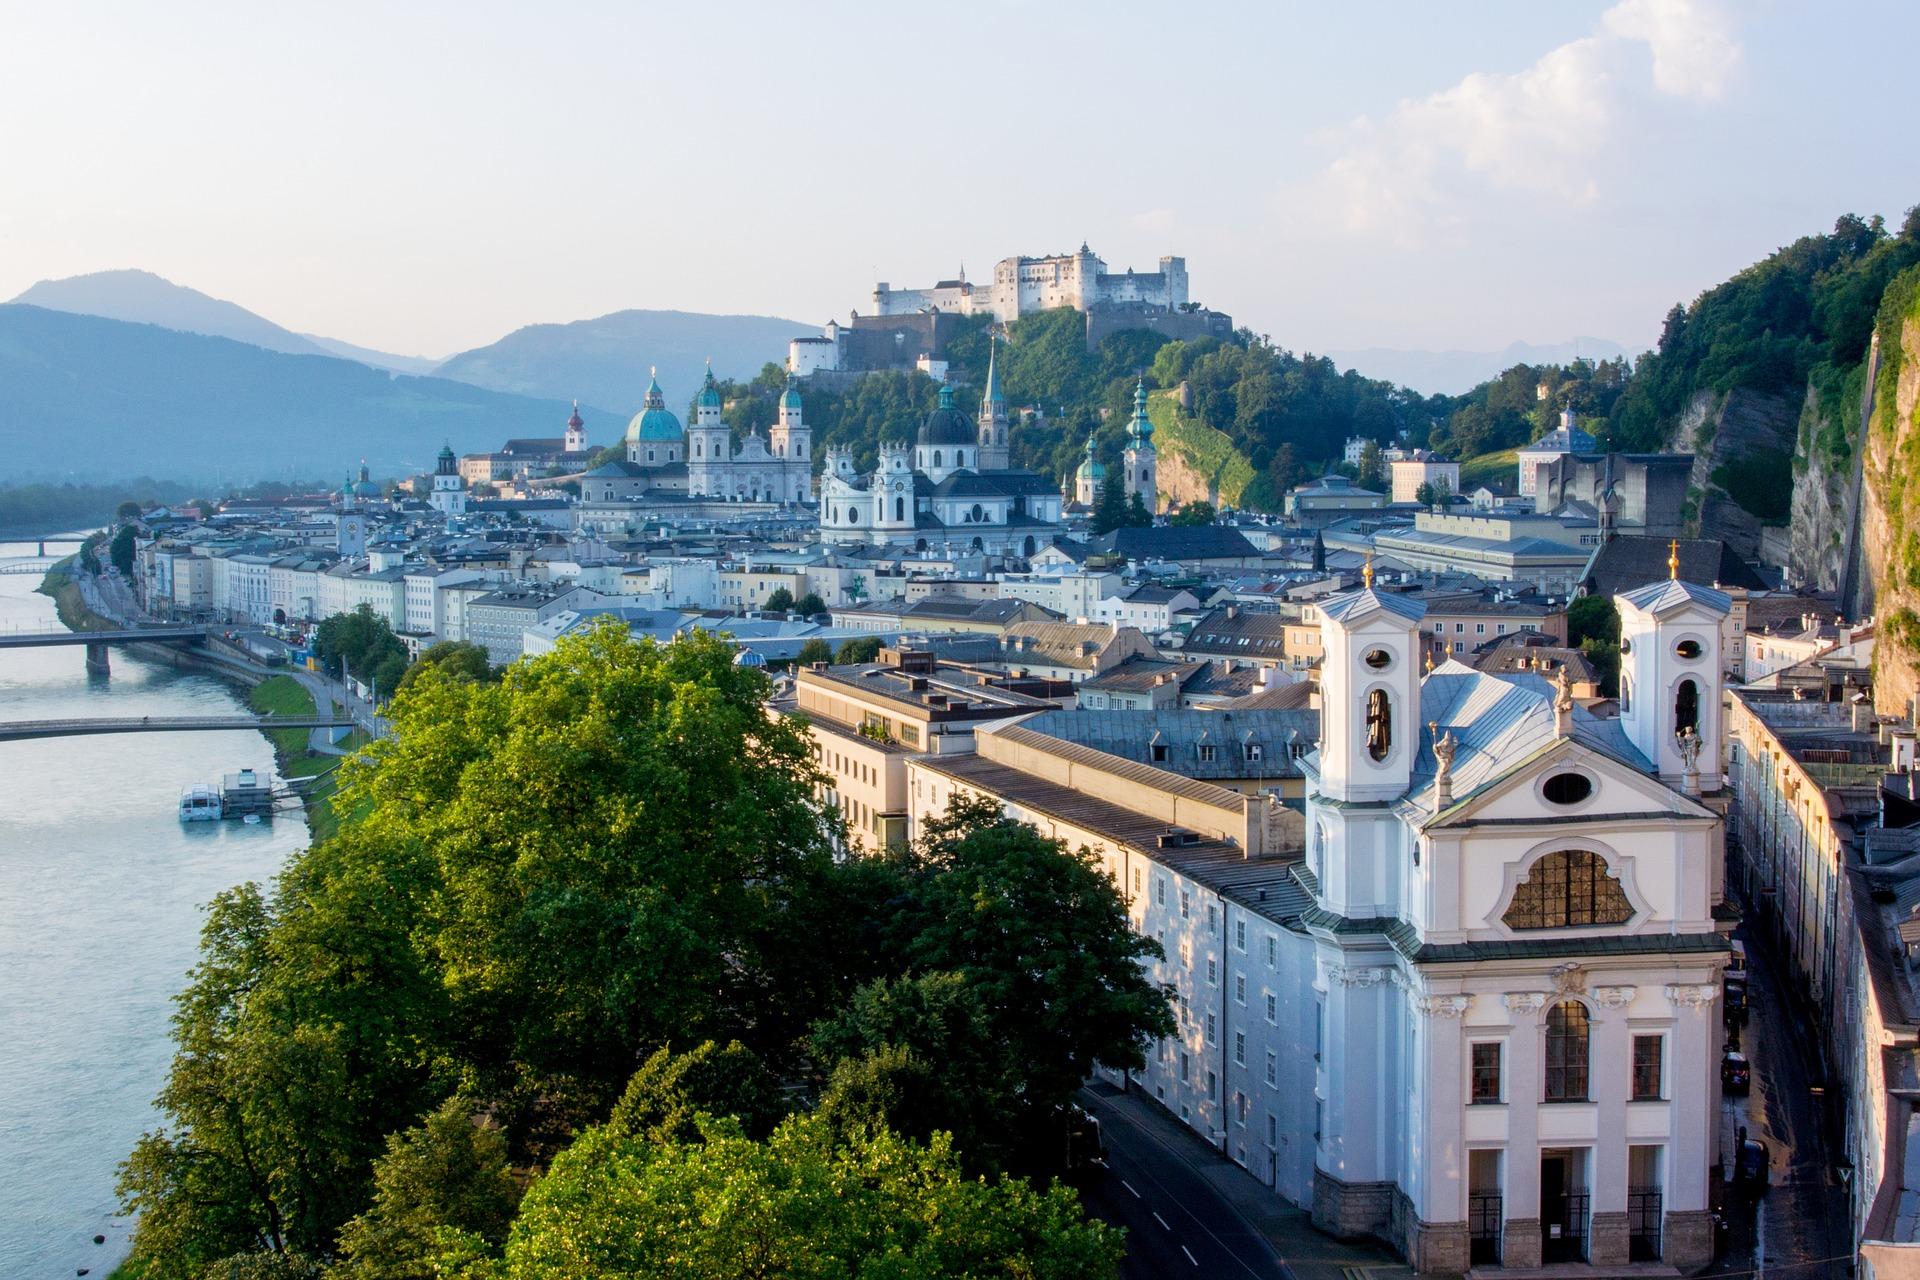 Wir sind uns einig: In Salzburg gibt es erstklassige Kaffeehäuser für jeden Geschmack